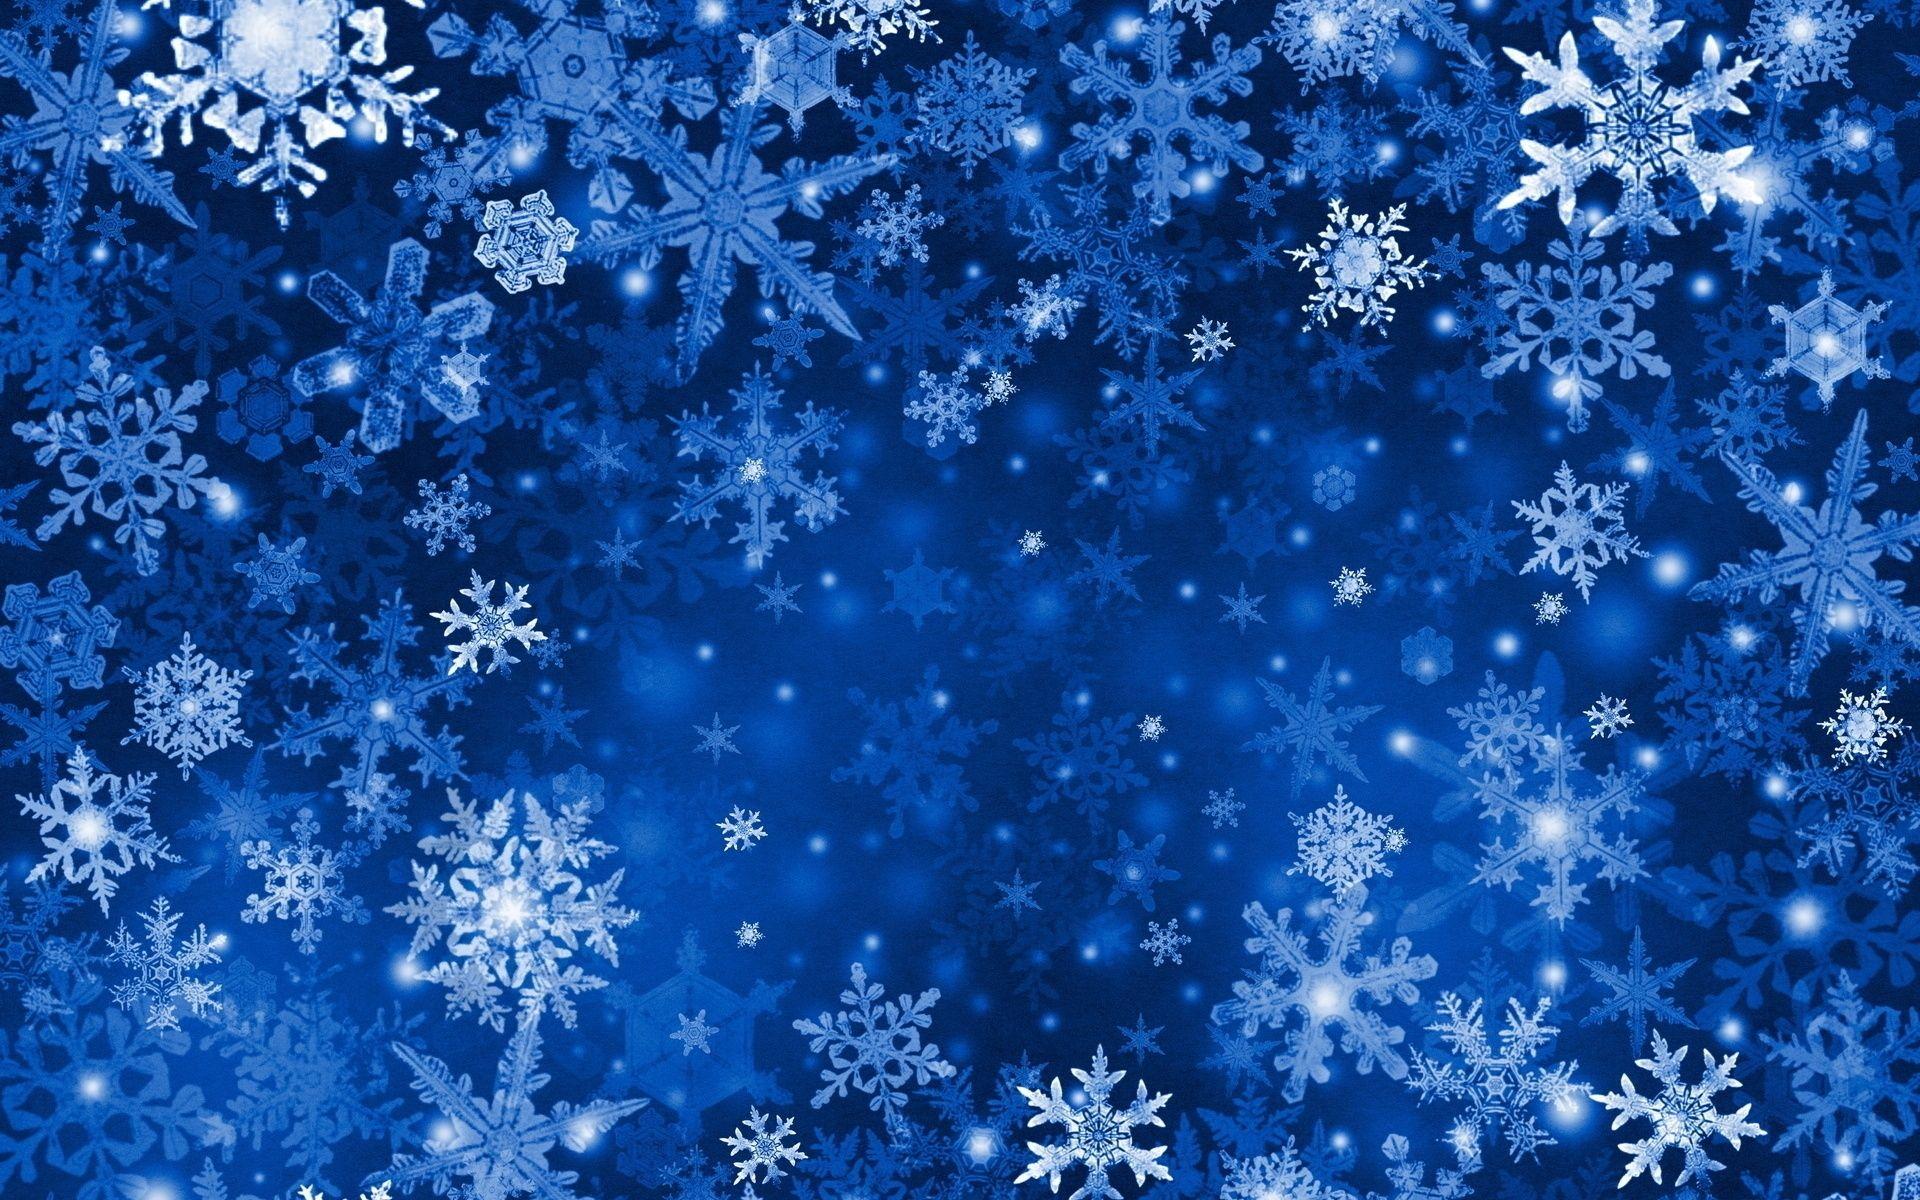 Snowflakes desktop wallpaper hd httpimashonwsnowflakes snowflakes wallpapers snowflakes desktop wallpapers 391 and wallpapers voltagebd Gallery